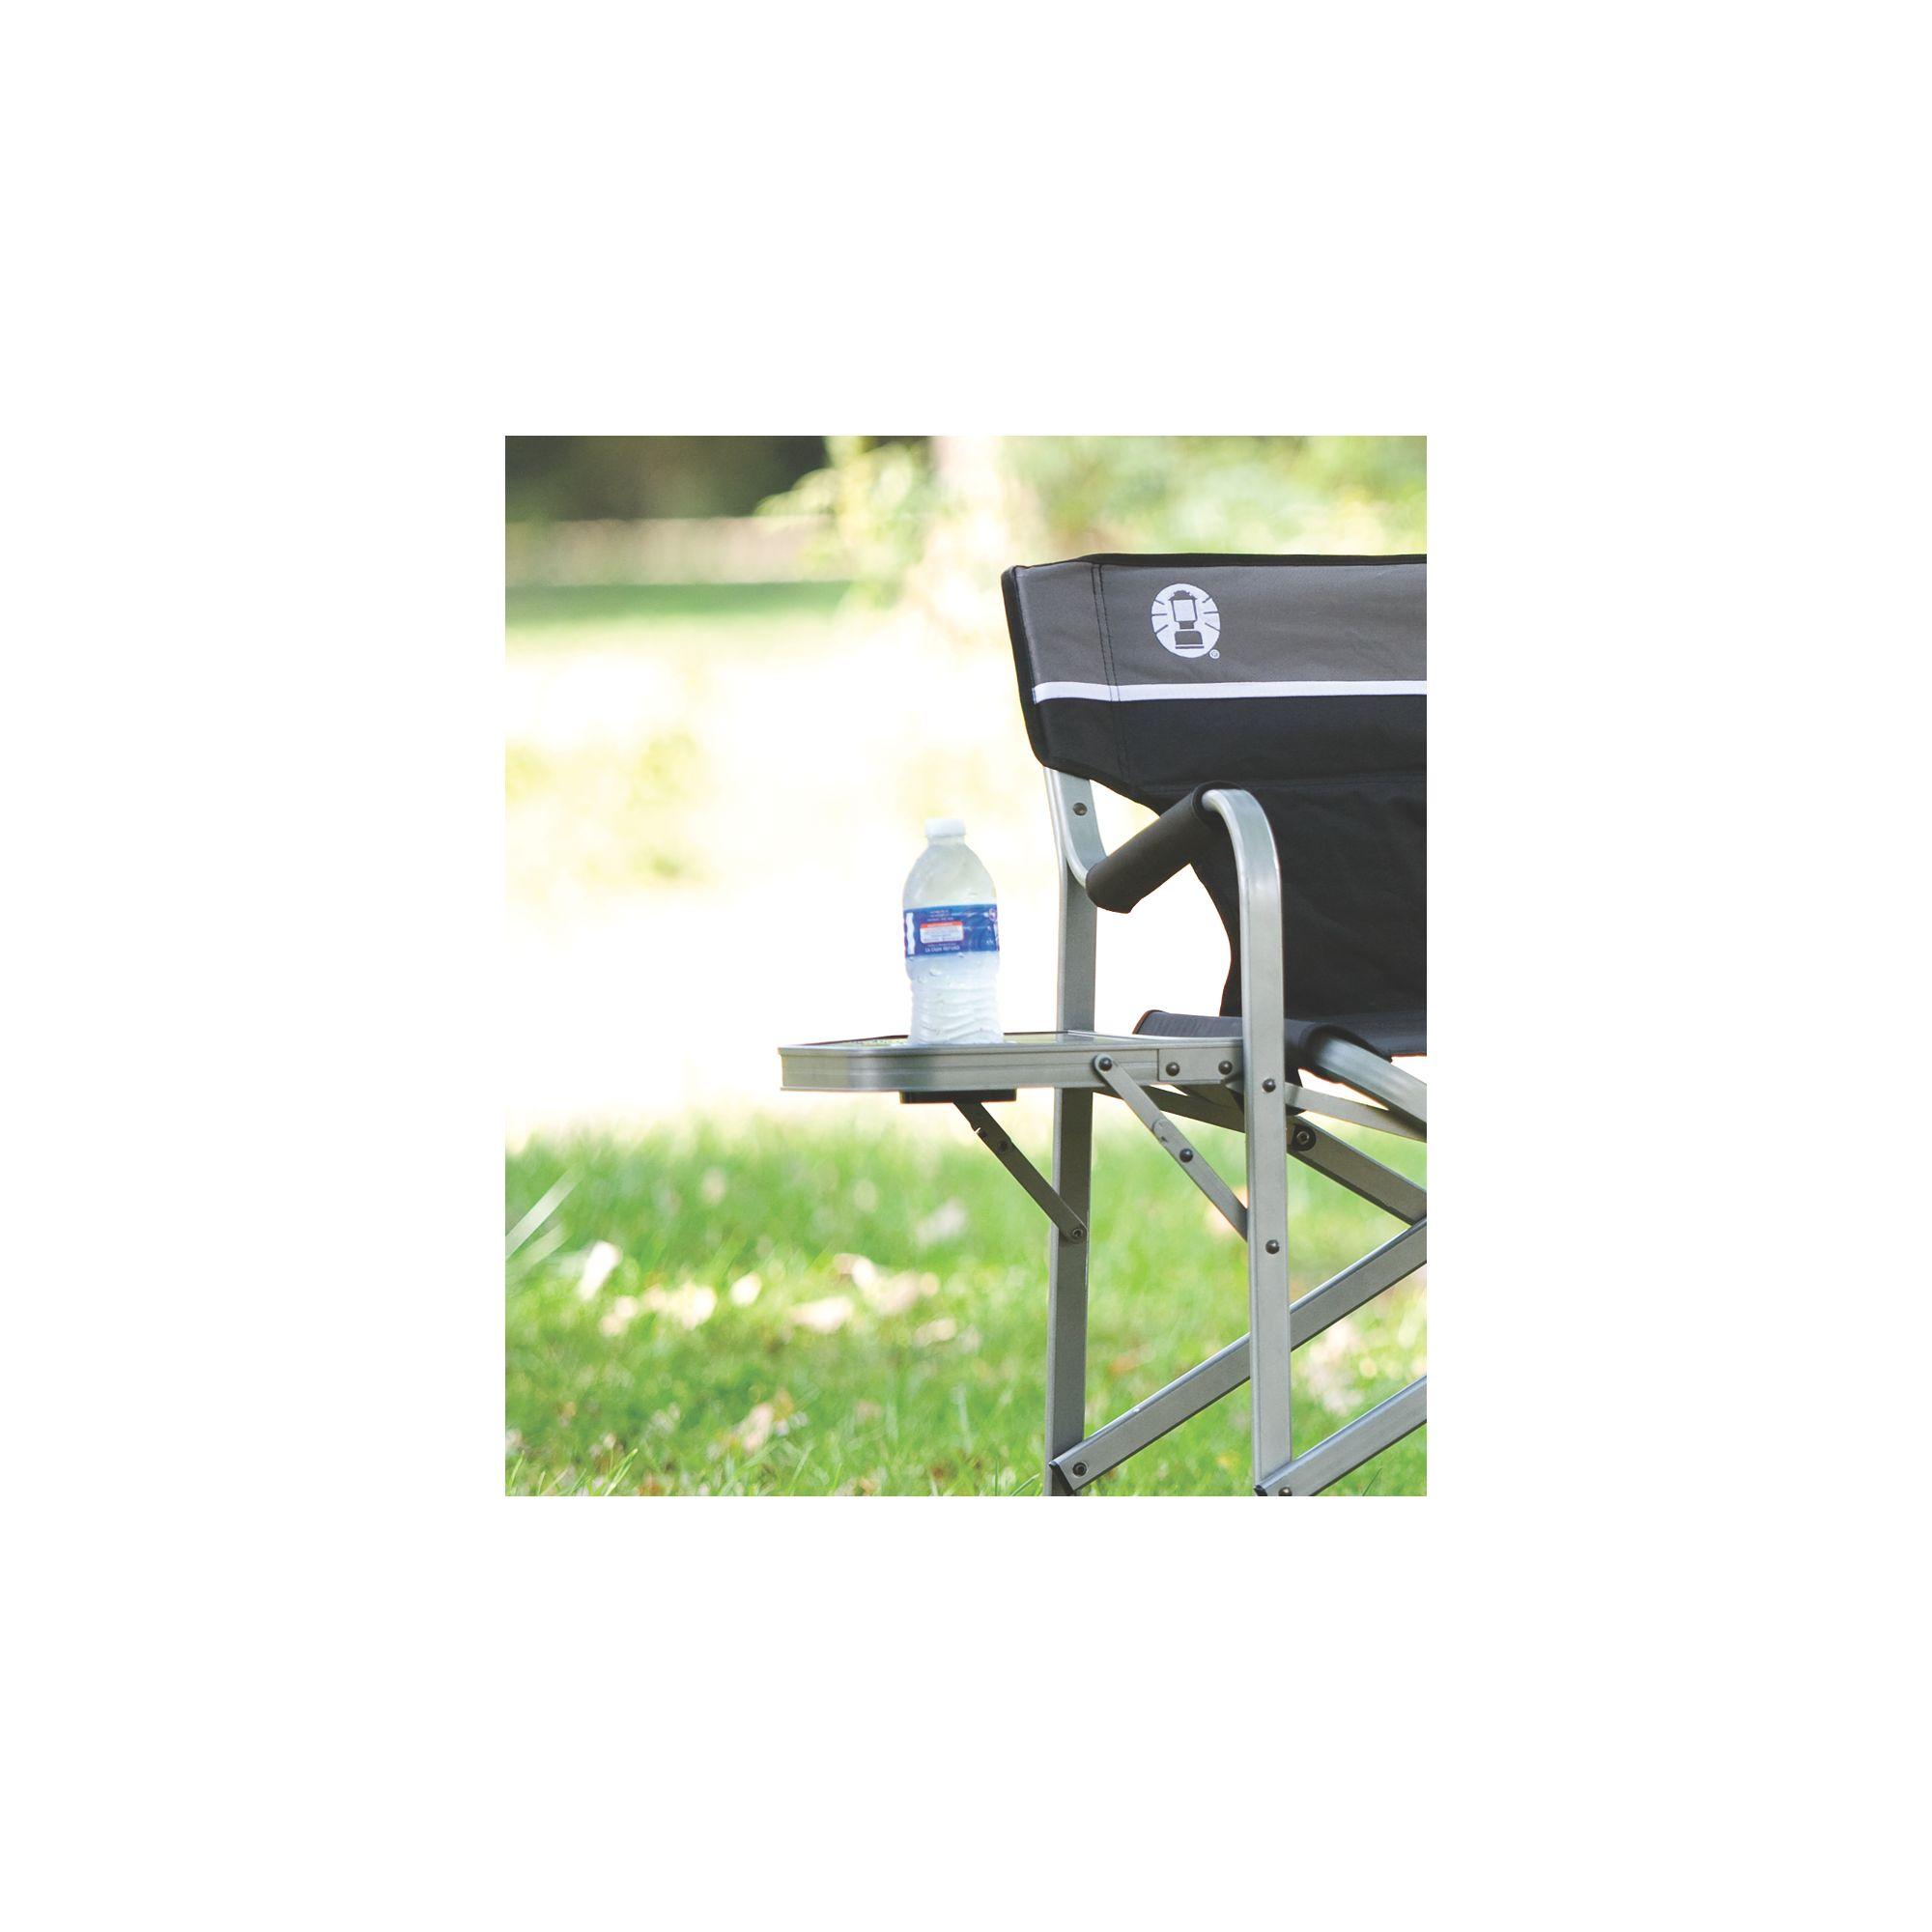 Silla plegable con mesa coleman mesa elbunkker for Mesa plegable sillas incorporadas